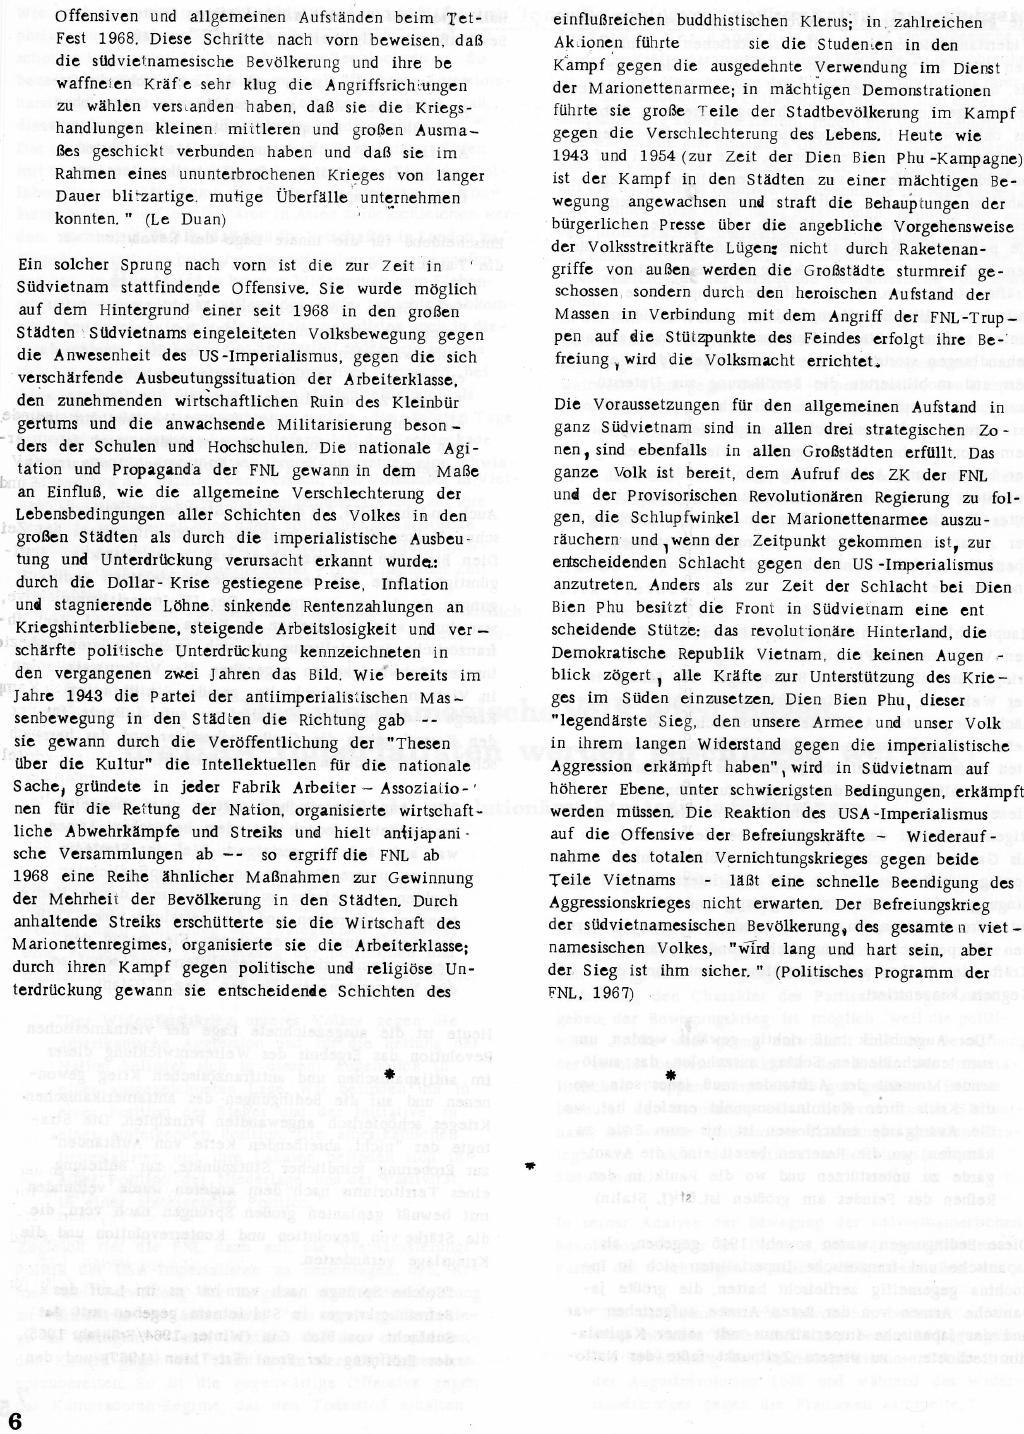 RPK_1972_167_06